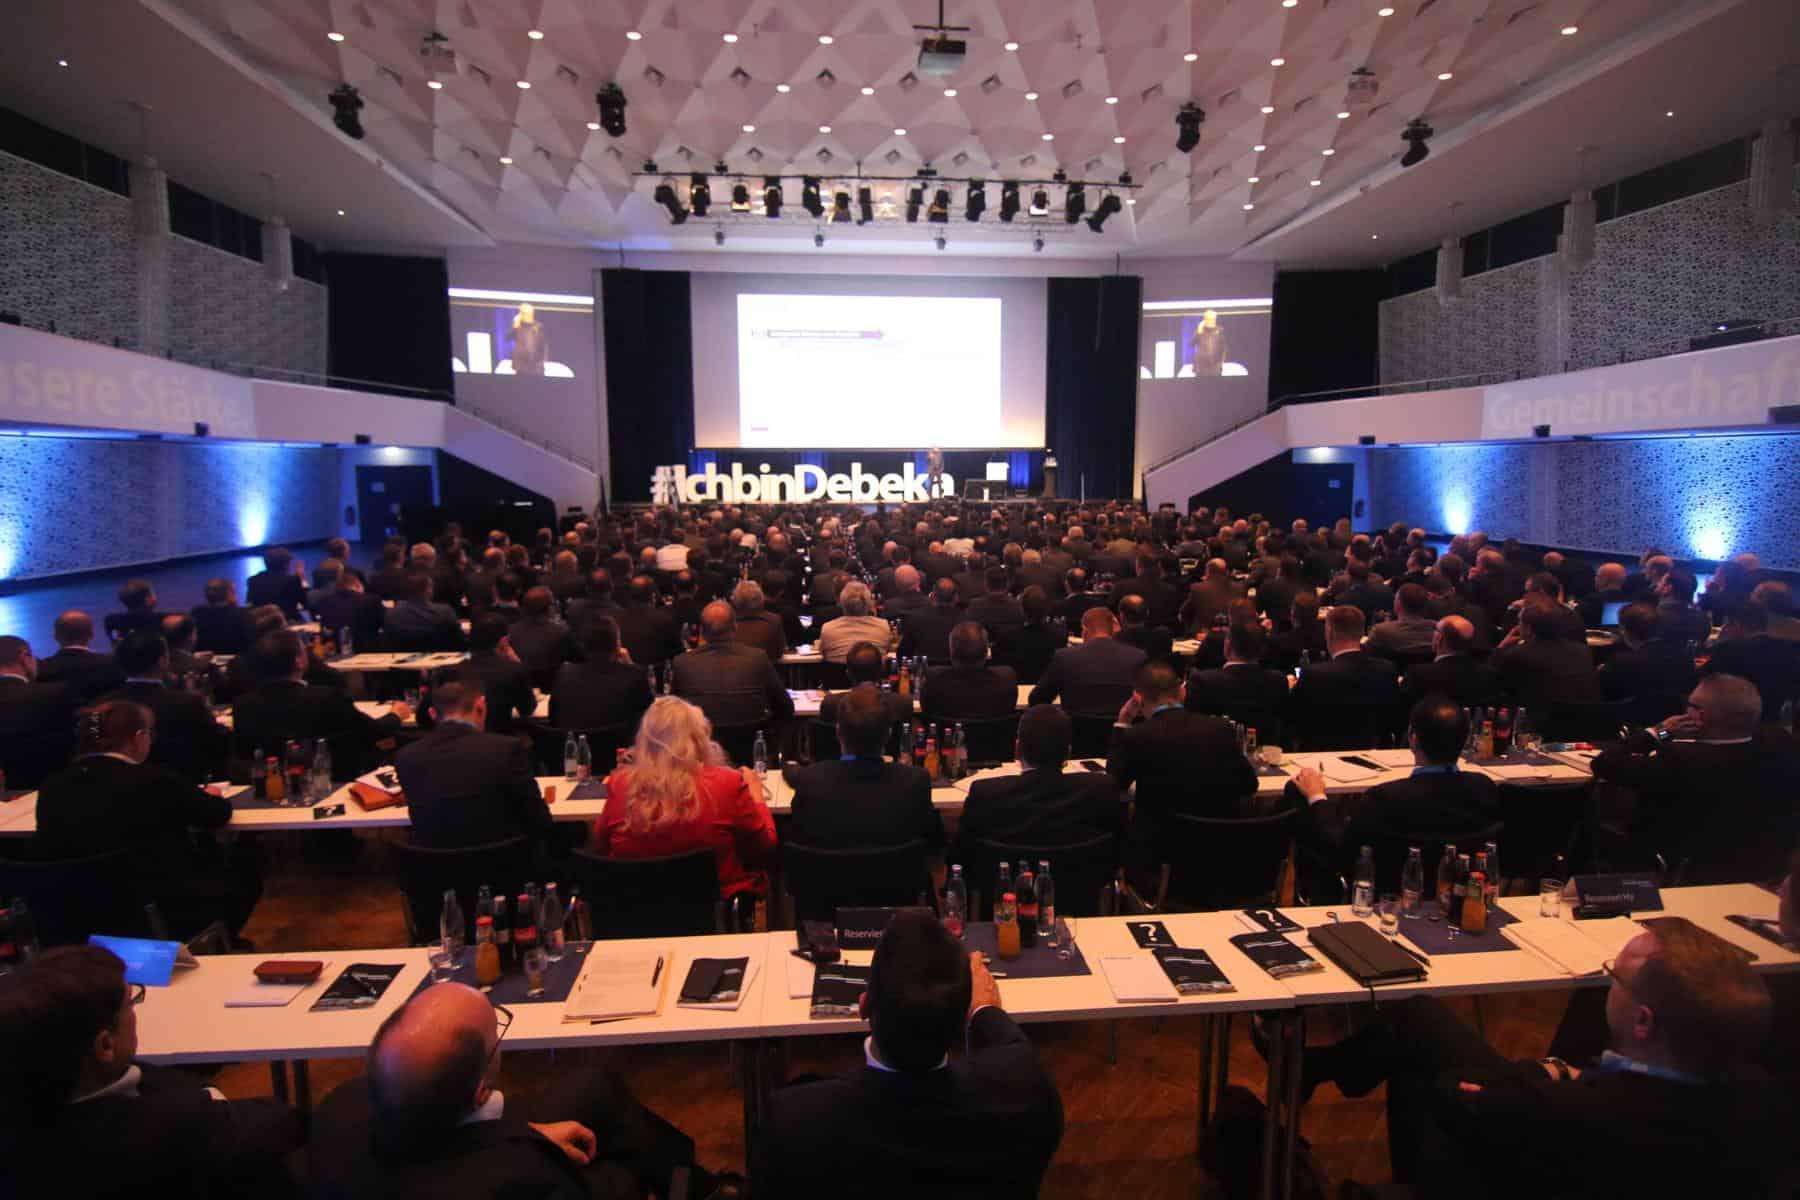 Moderatorin Janina Treis beim Debeka Kongress in der Rhein-Mosel-Halle in Koblenz.